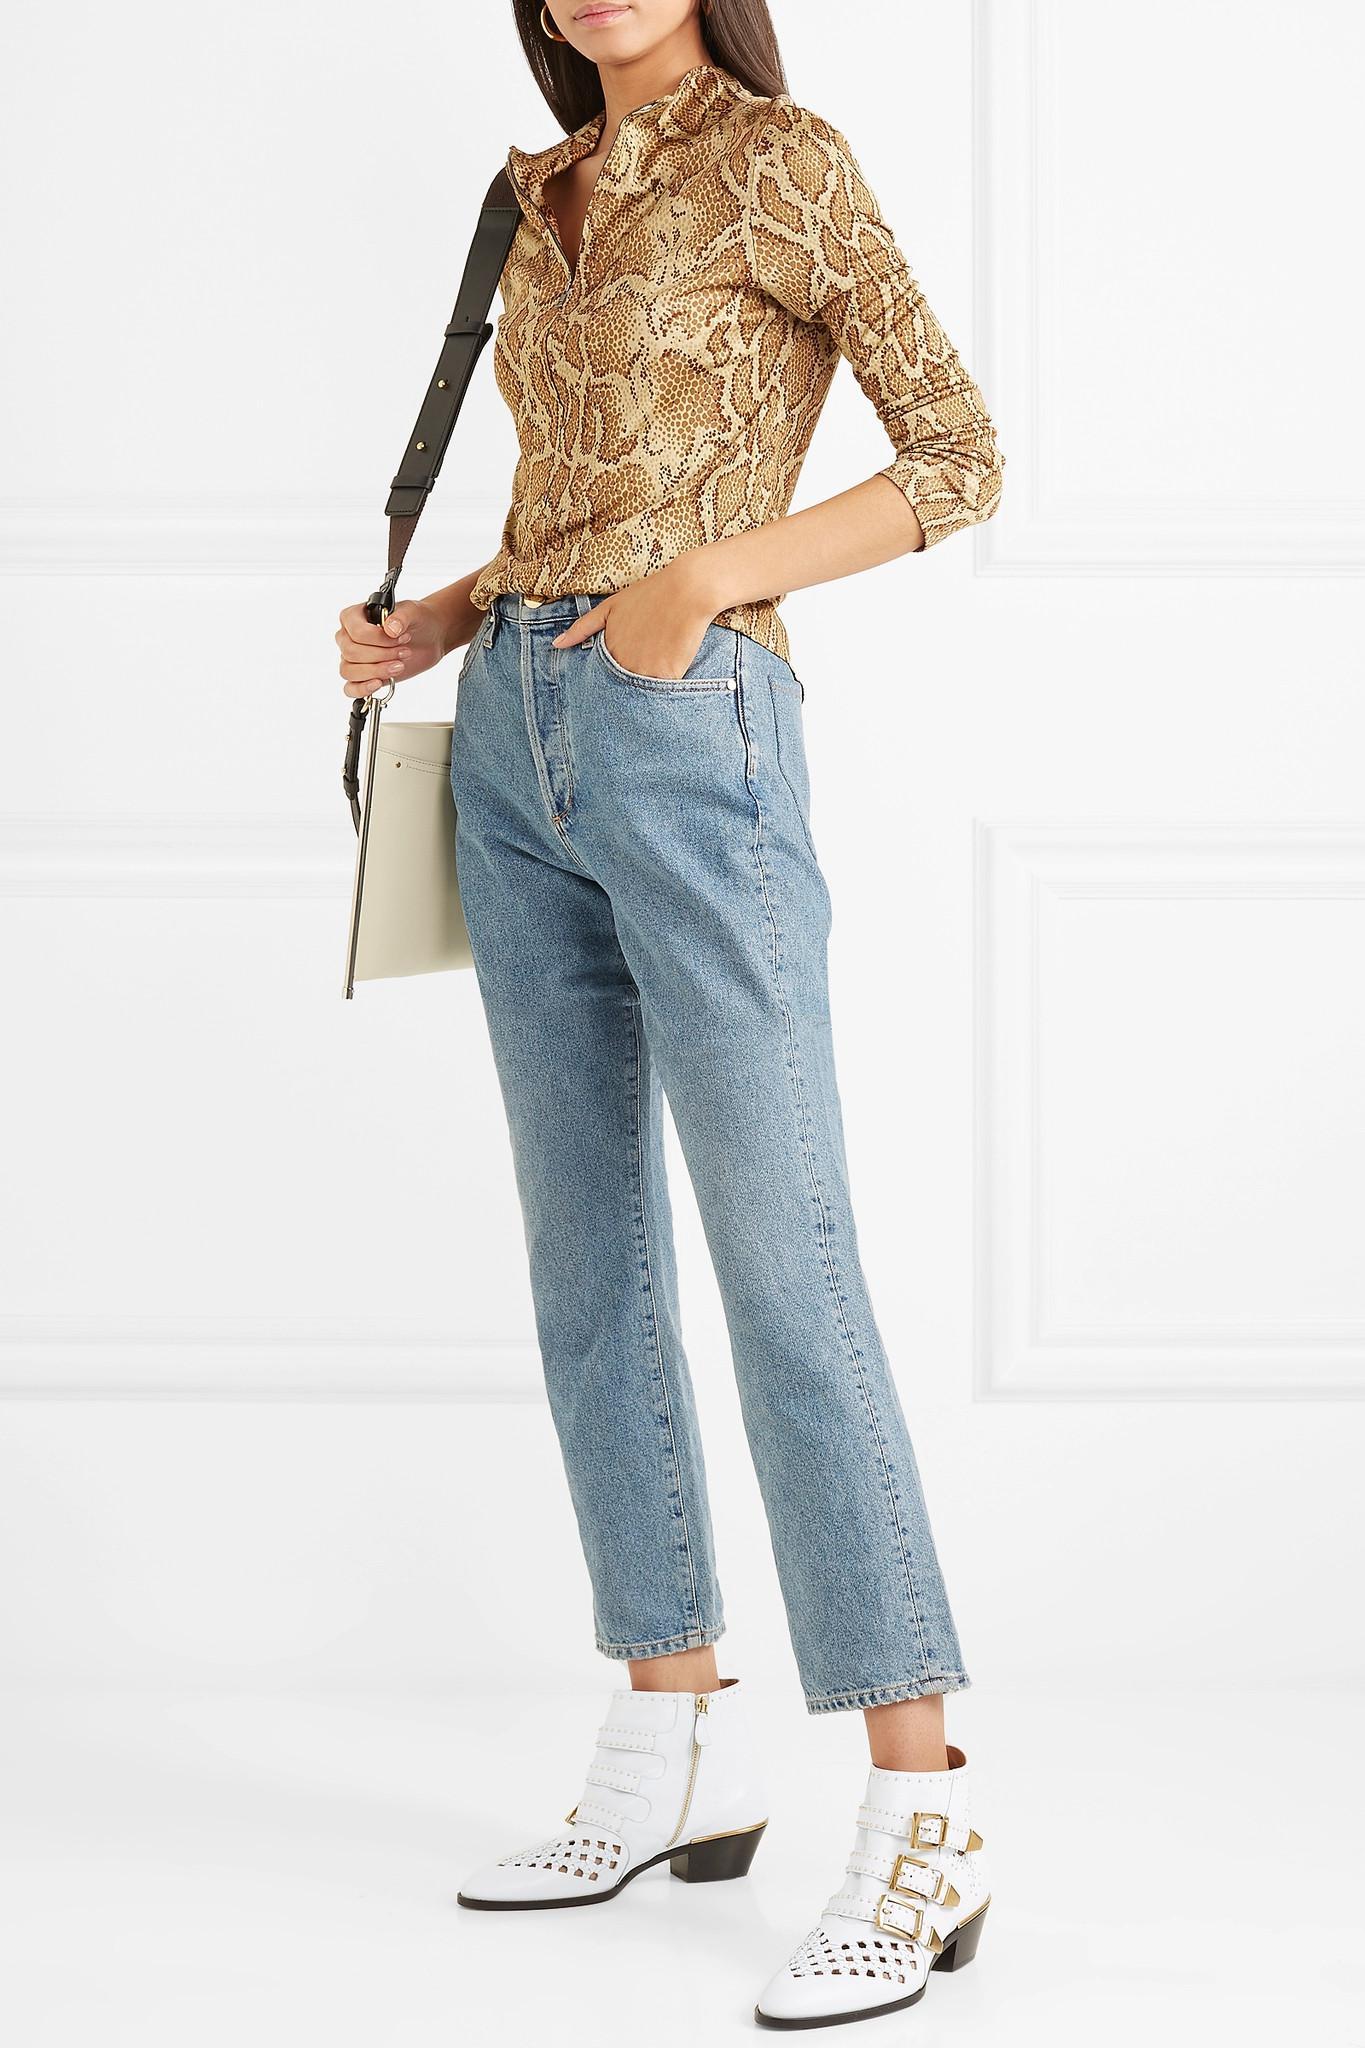 Chloé Susanna Cutout Studded Leather